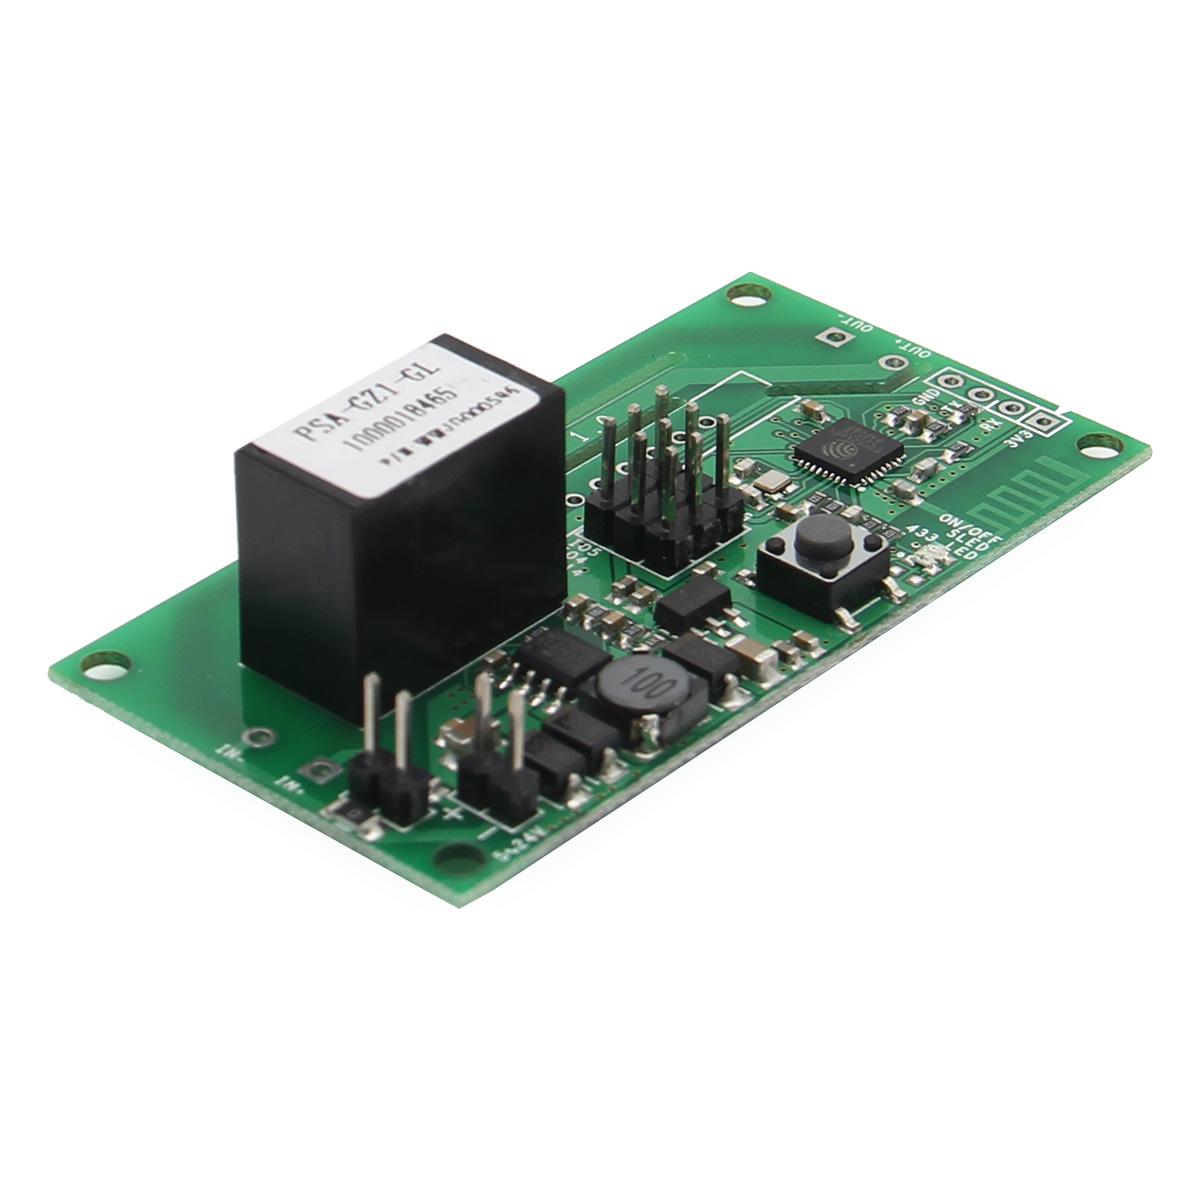 dc 5v 24v diy wifi wireless switch sonoff sv module for smart home alex nld. Black Bedroom Furniture Sets. Home Design Ideas